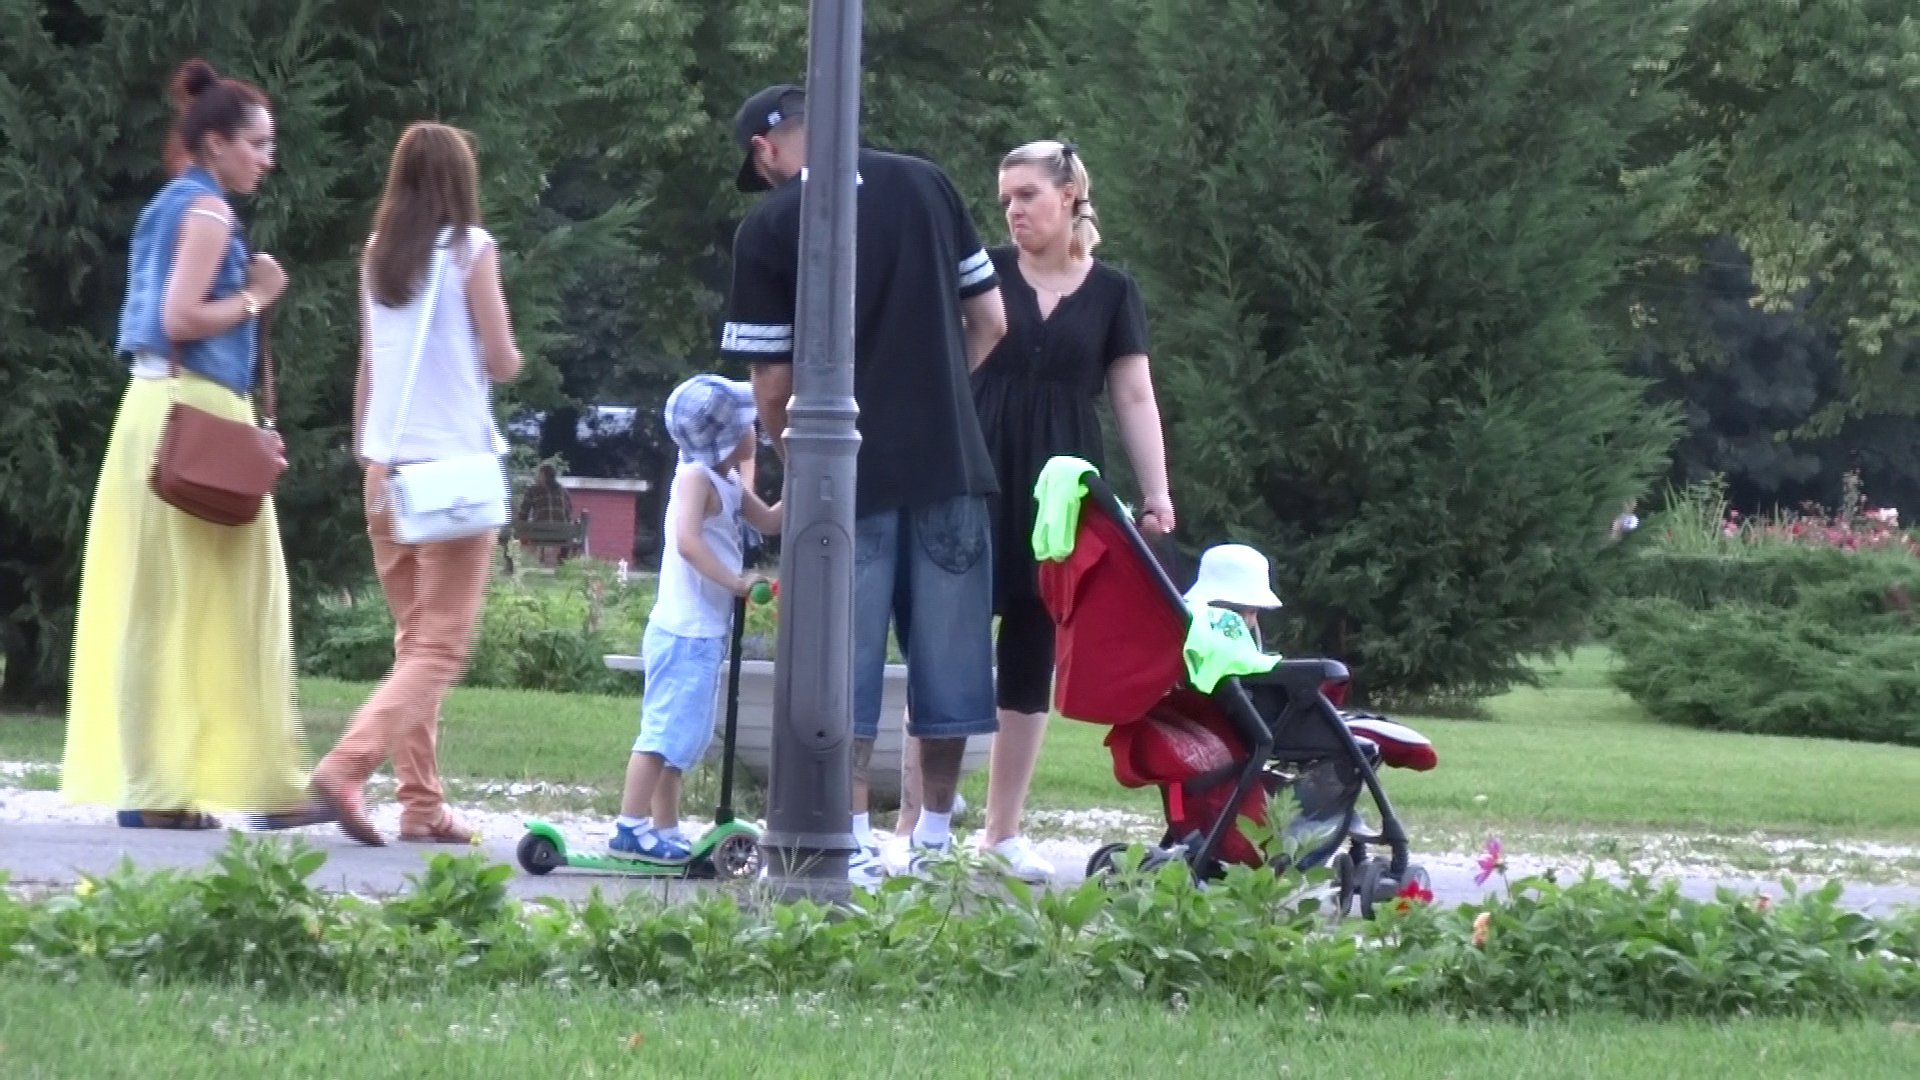 Caddy a petrecut o dupa-amiaza intreaga in parc cu familia